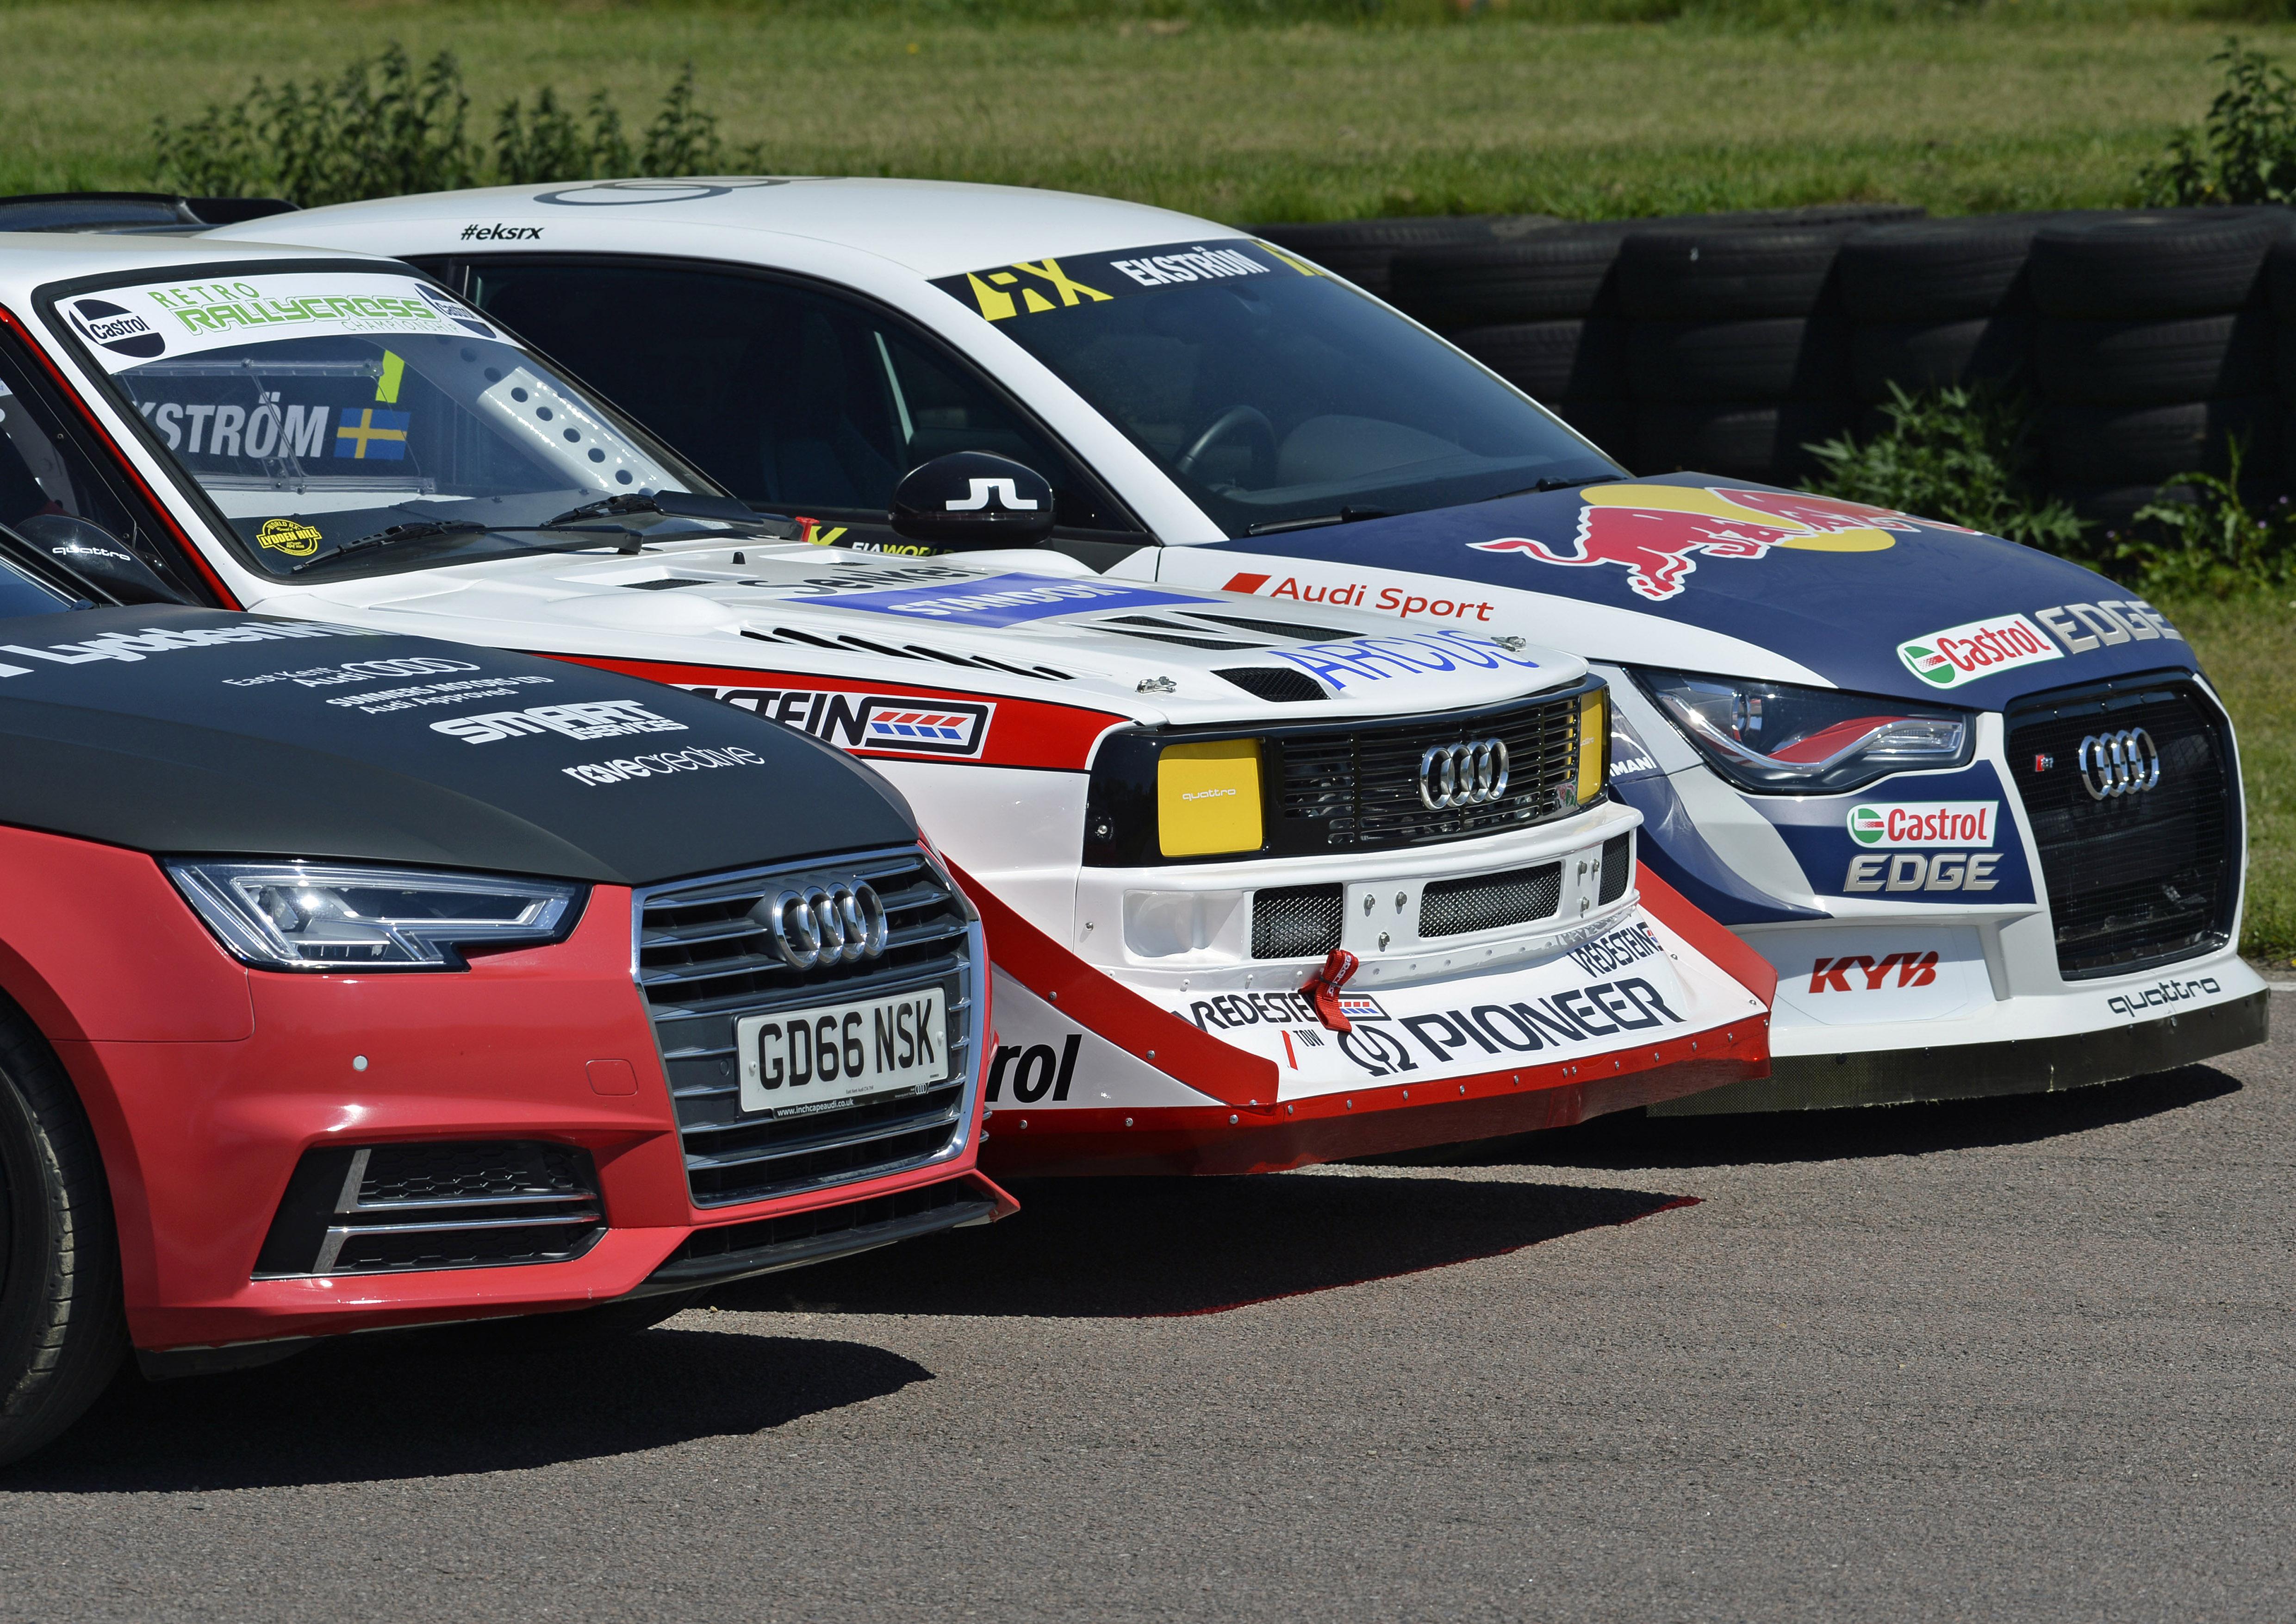 File:Leading Car, Audi Sport Quattro S1, Audi S1 EKS RX Quattro ...